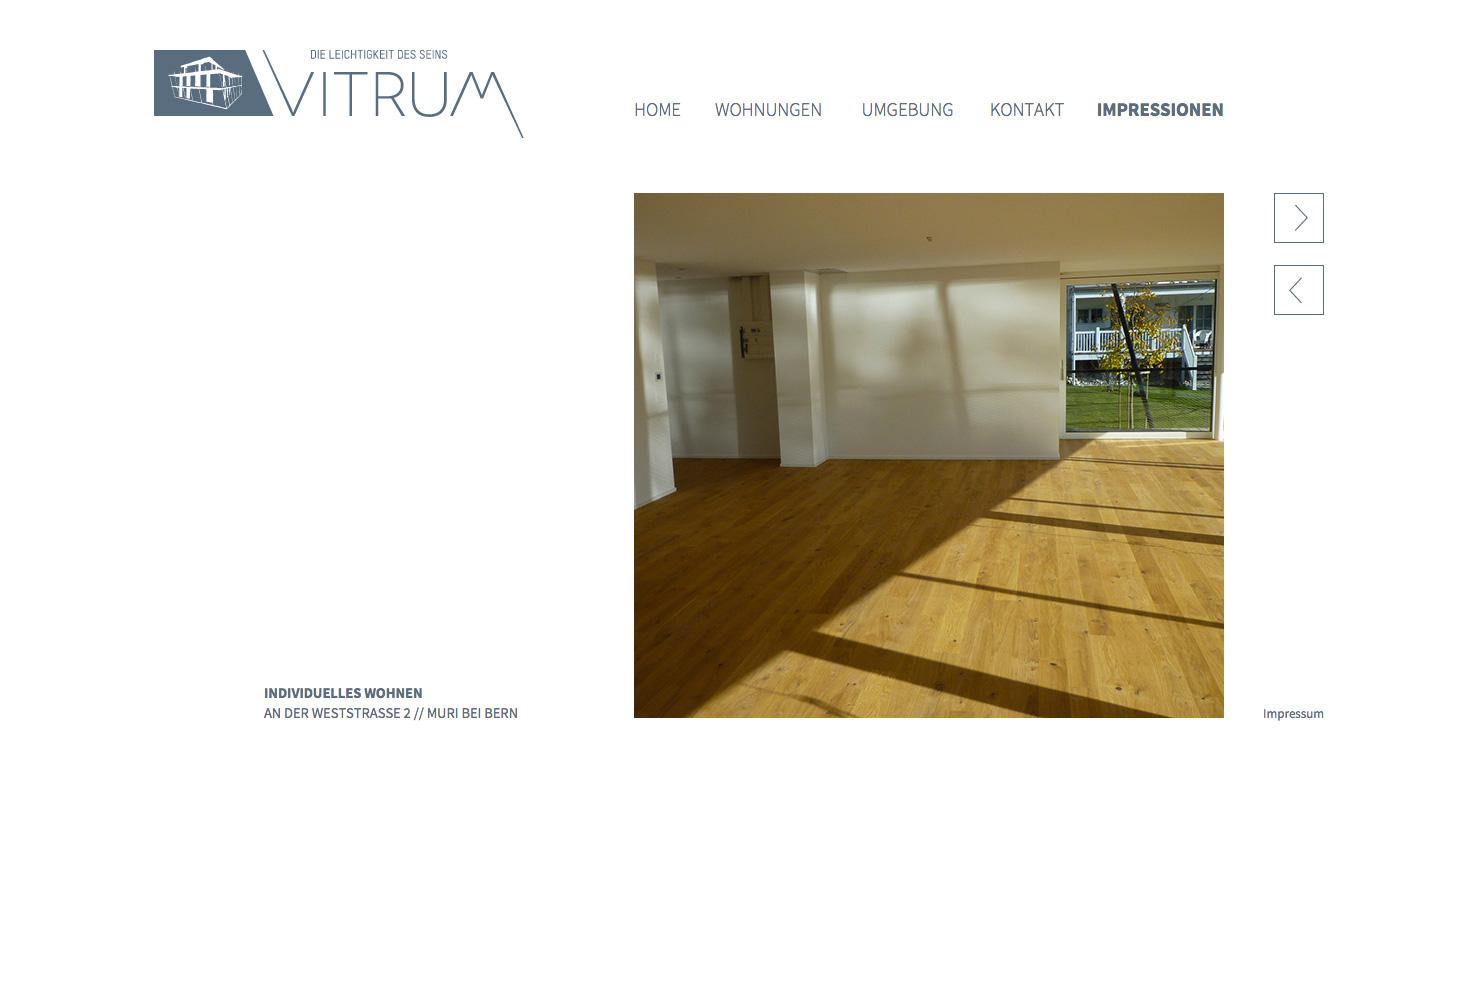 Bild 3 vom Vitrum Webseite